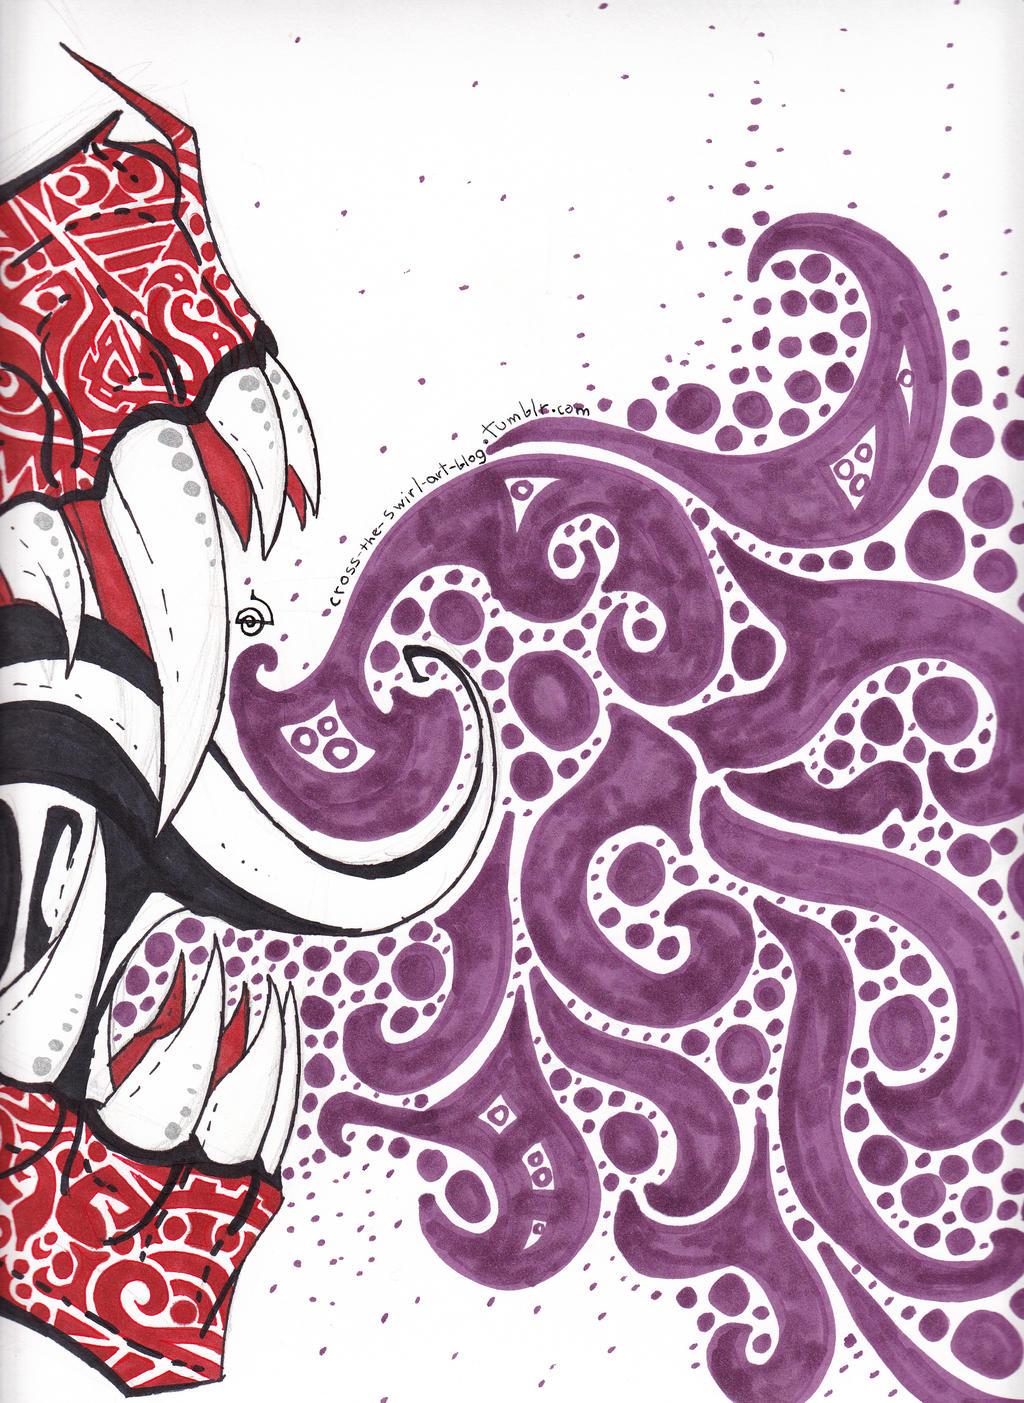 Spots by cross-the-swirl